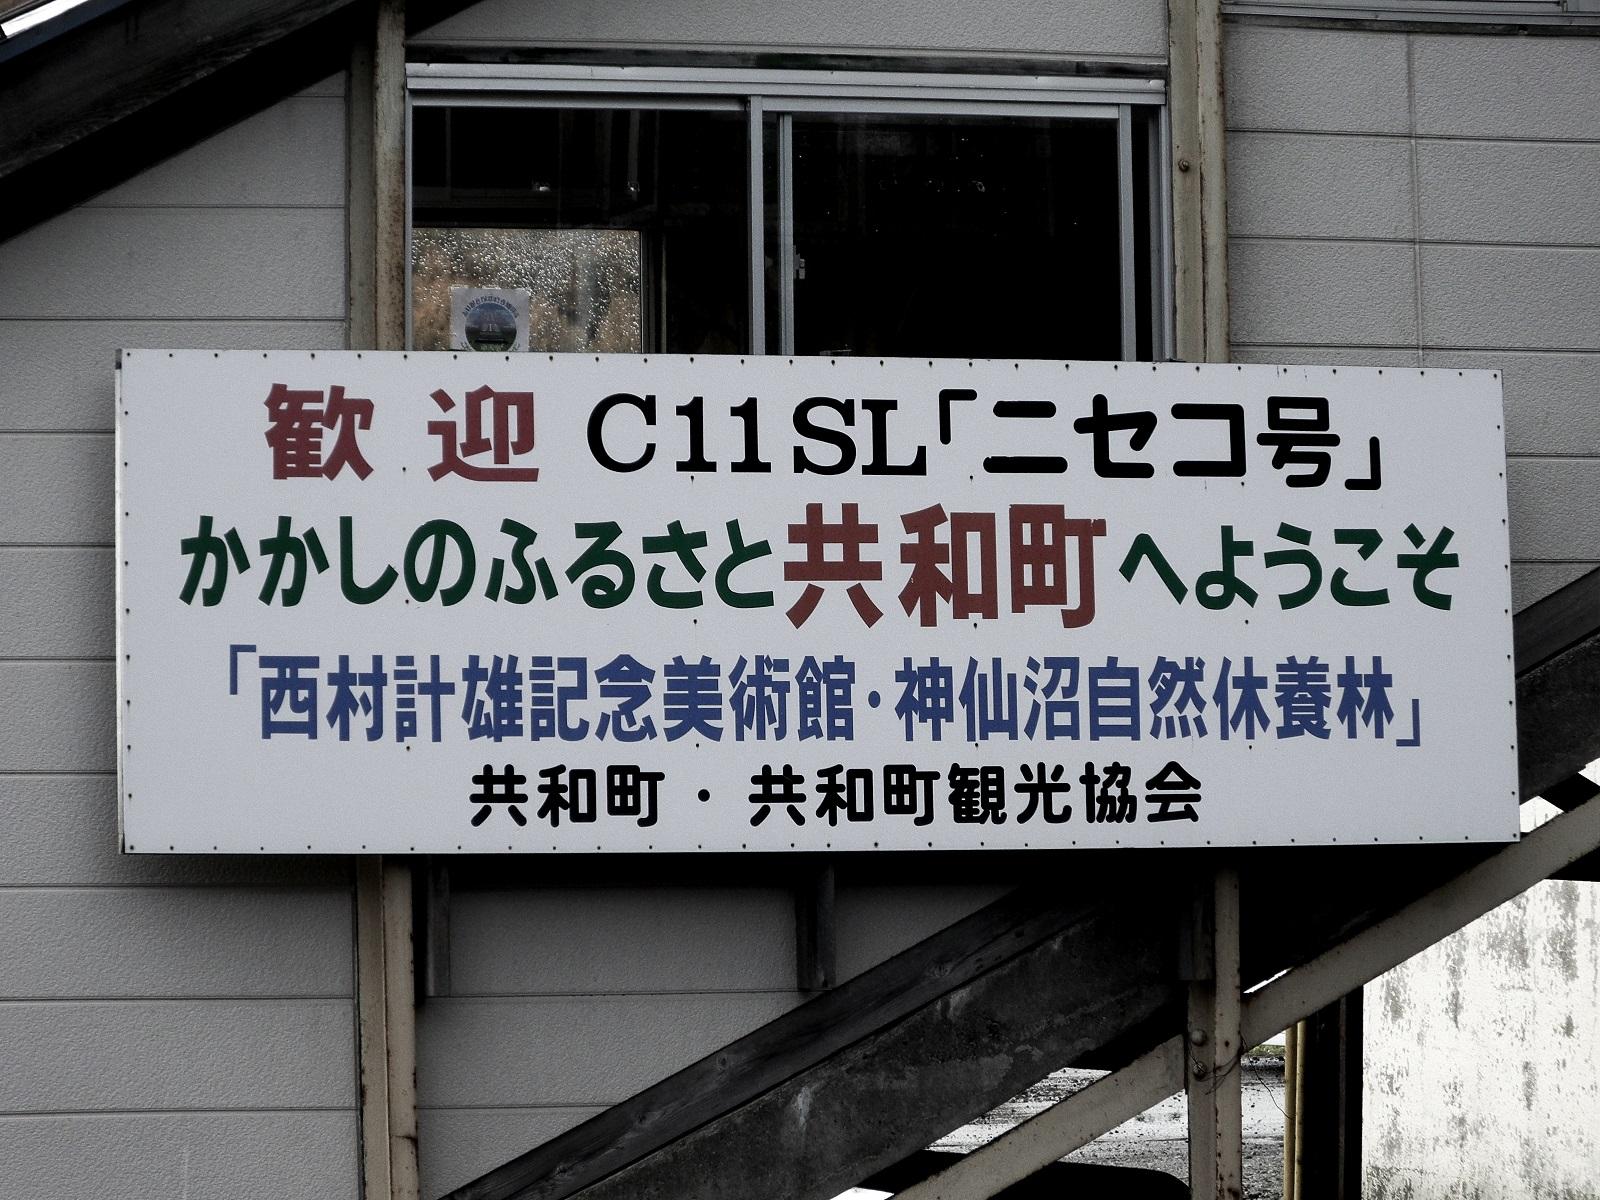 DSCF1101.jpg